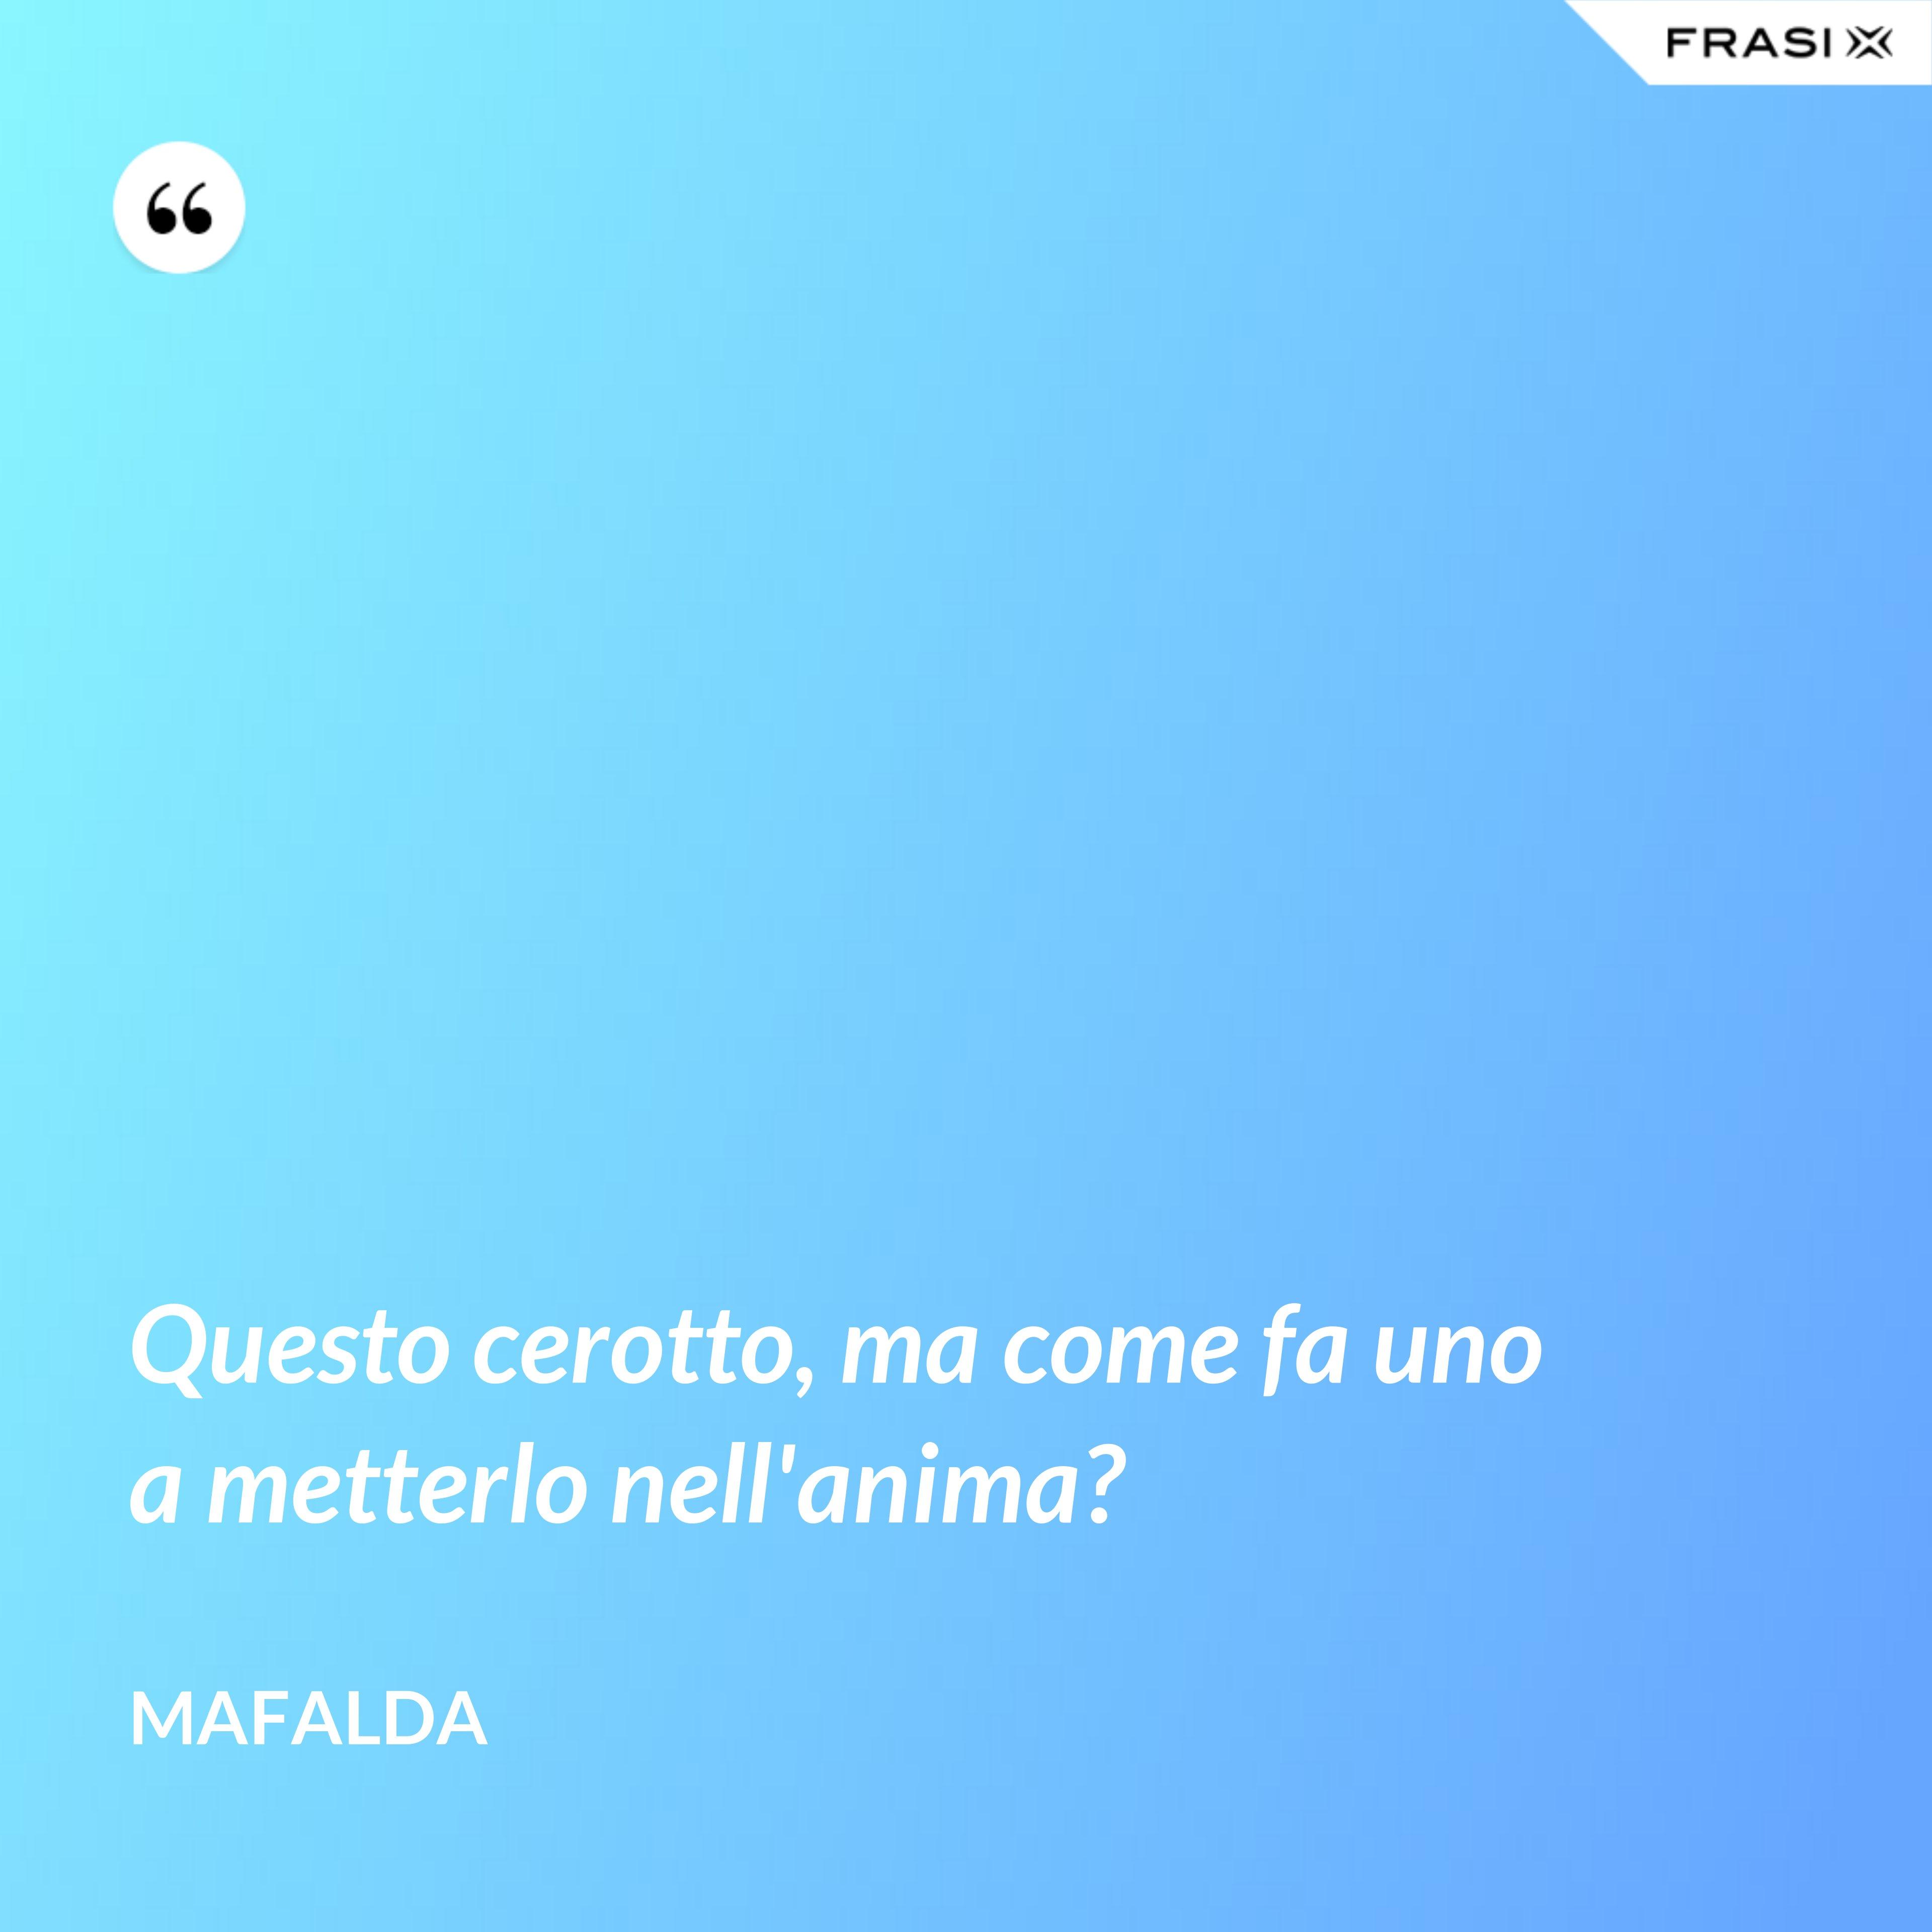 Questo cerotto, ma come fa uno a metterlo nell'anima? - Mafalda